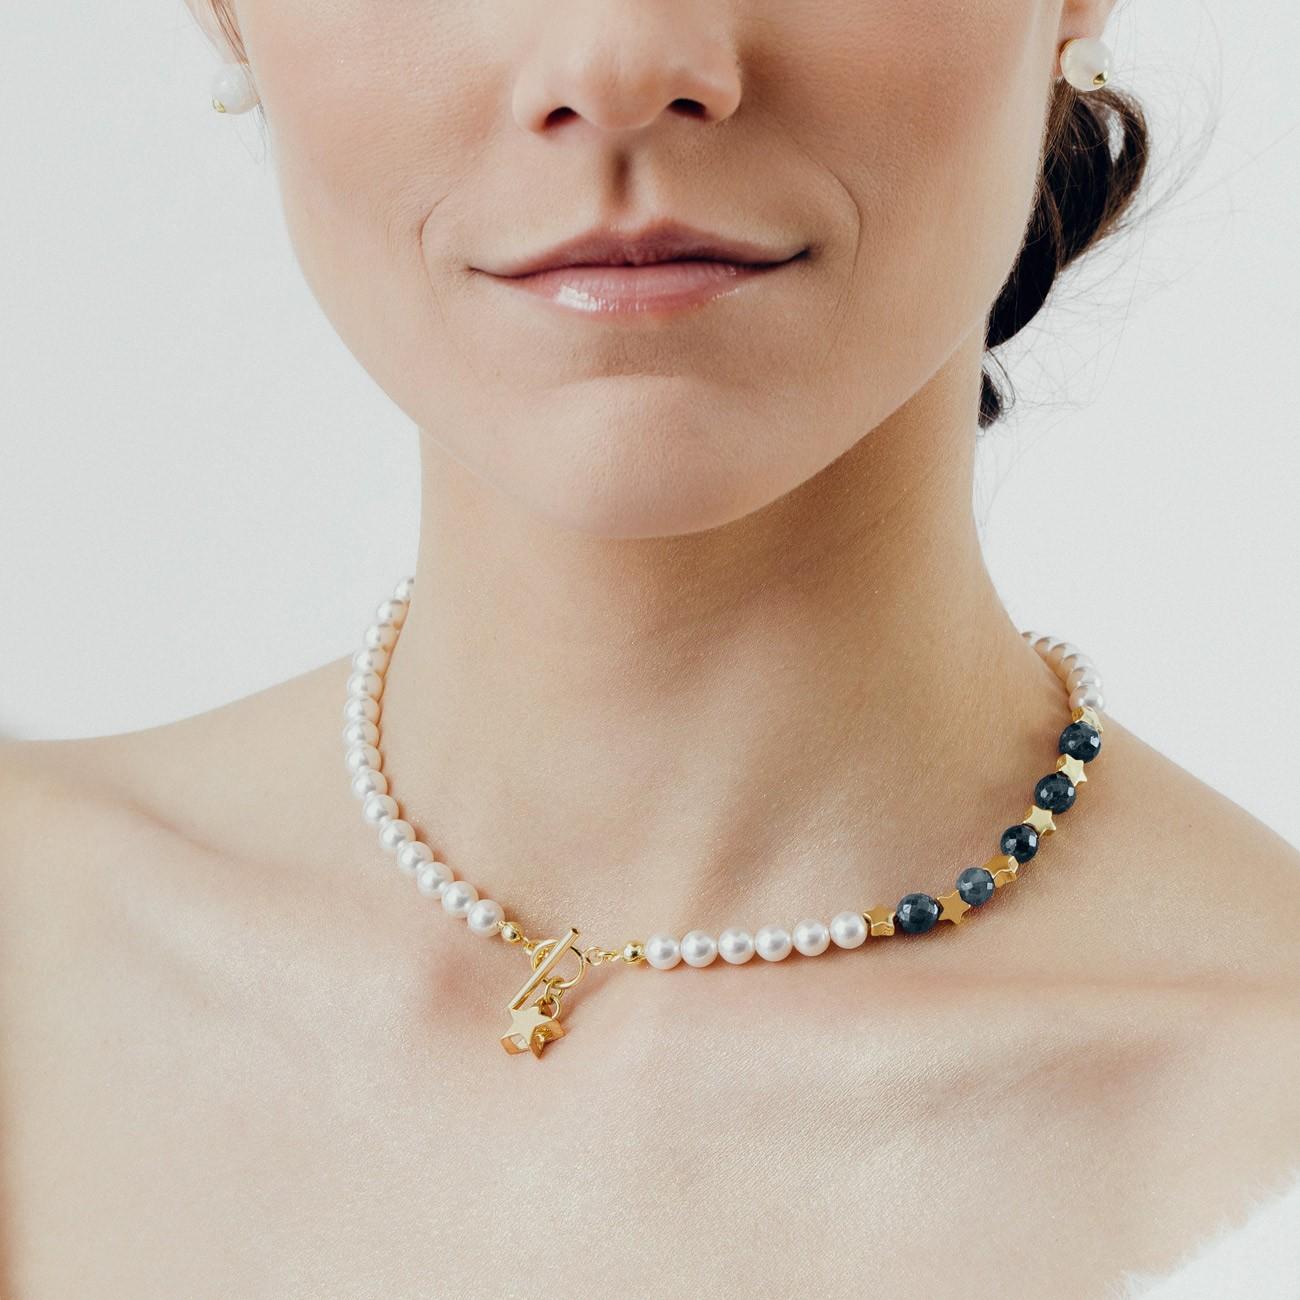 Szafirowy choker z perłami i gwiazdkami, srebro 925